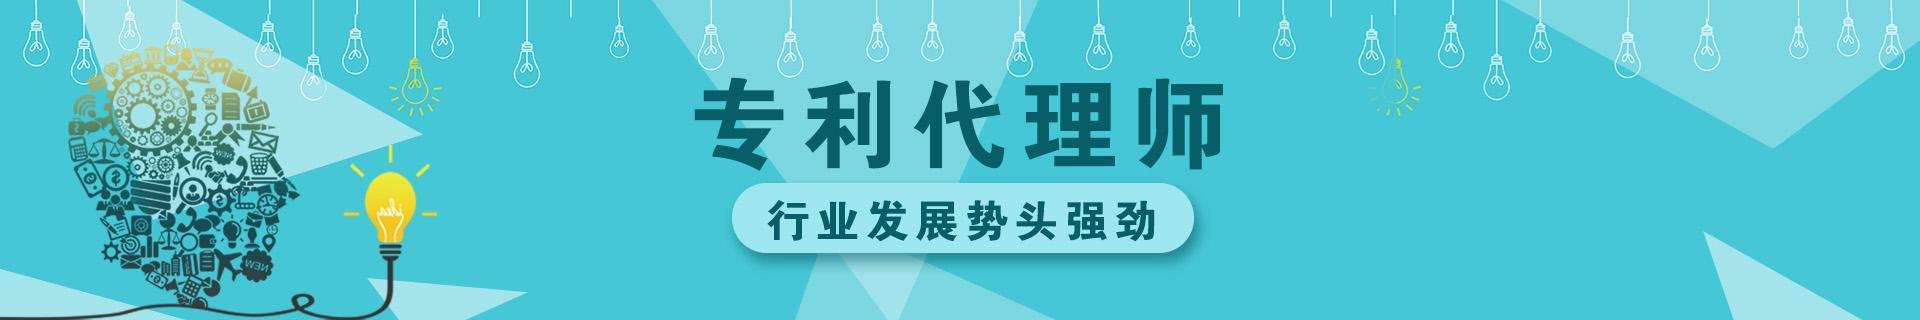 辽宁鞍山优路教育培训学校